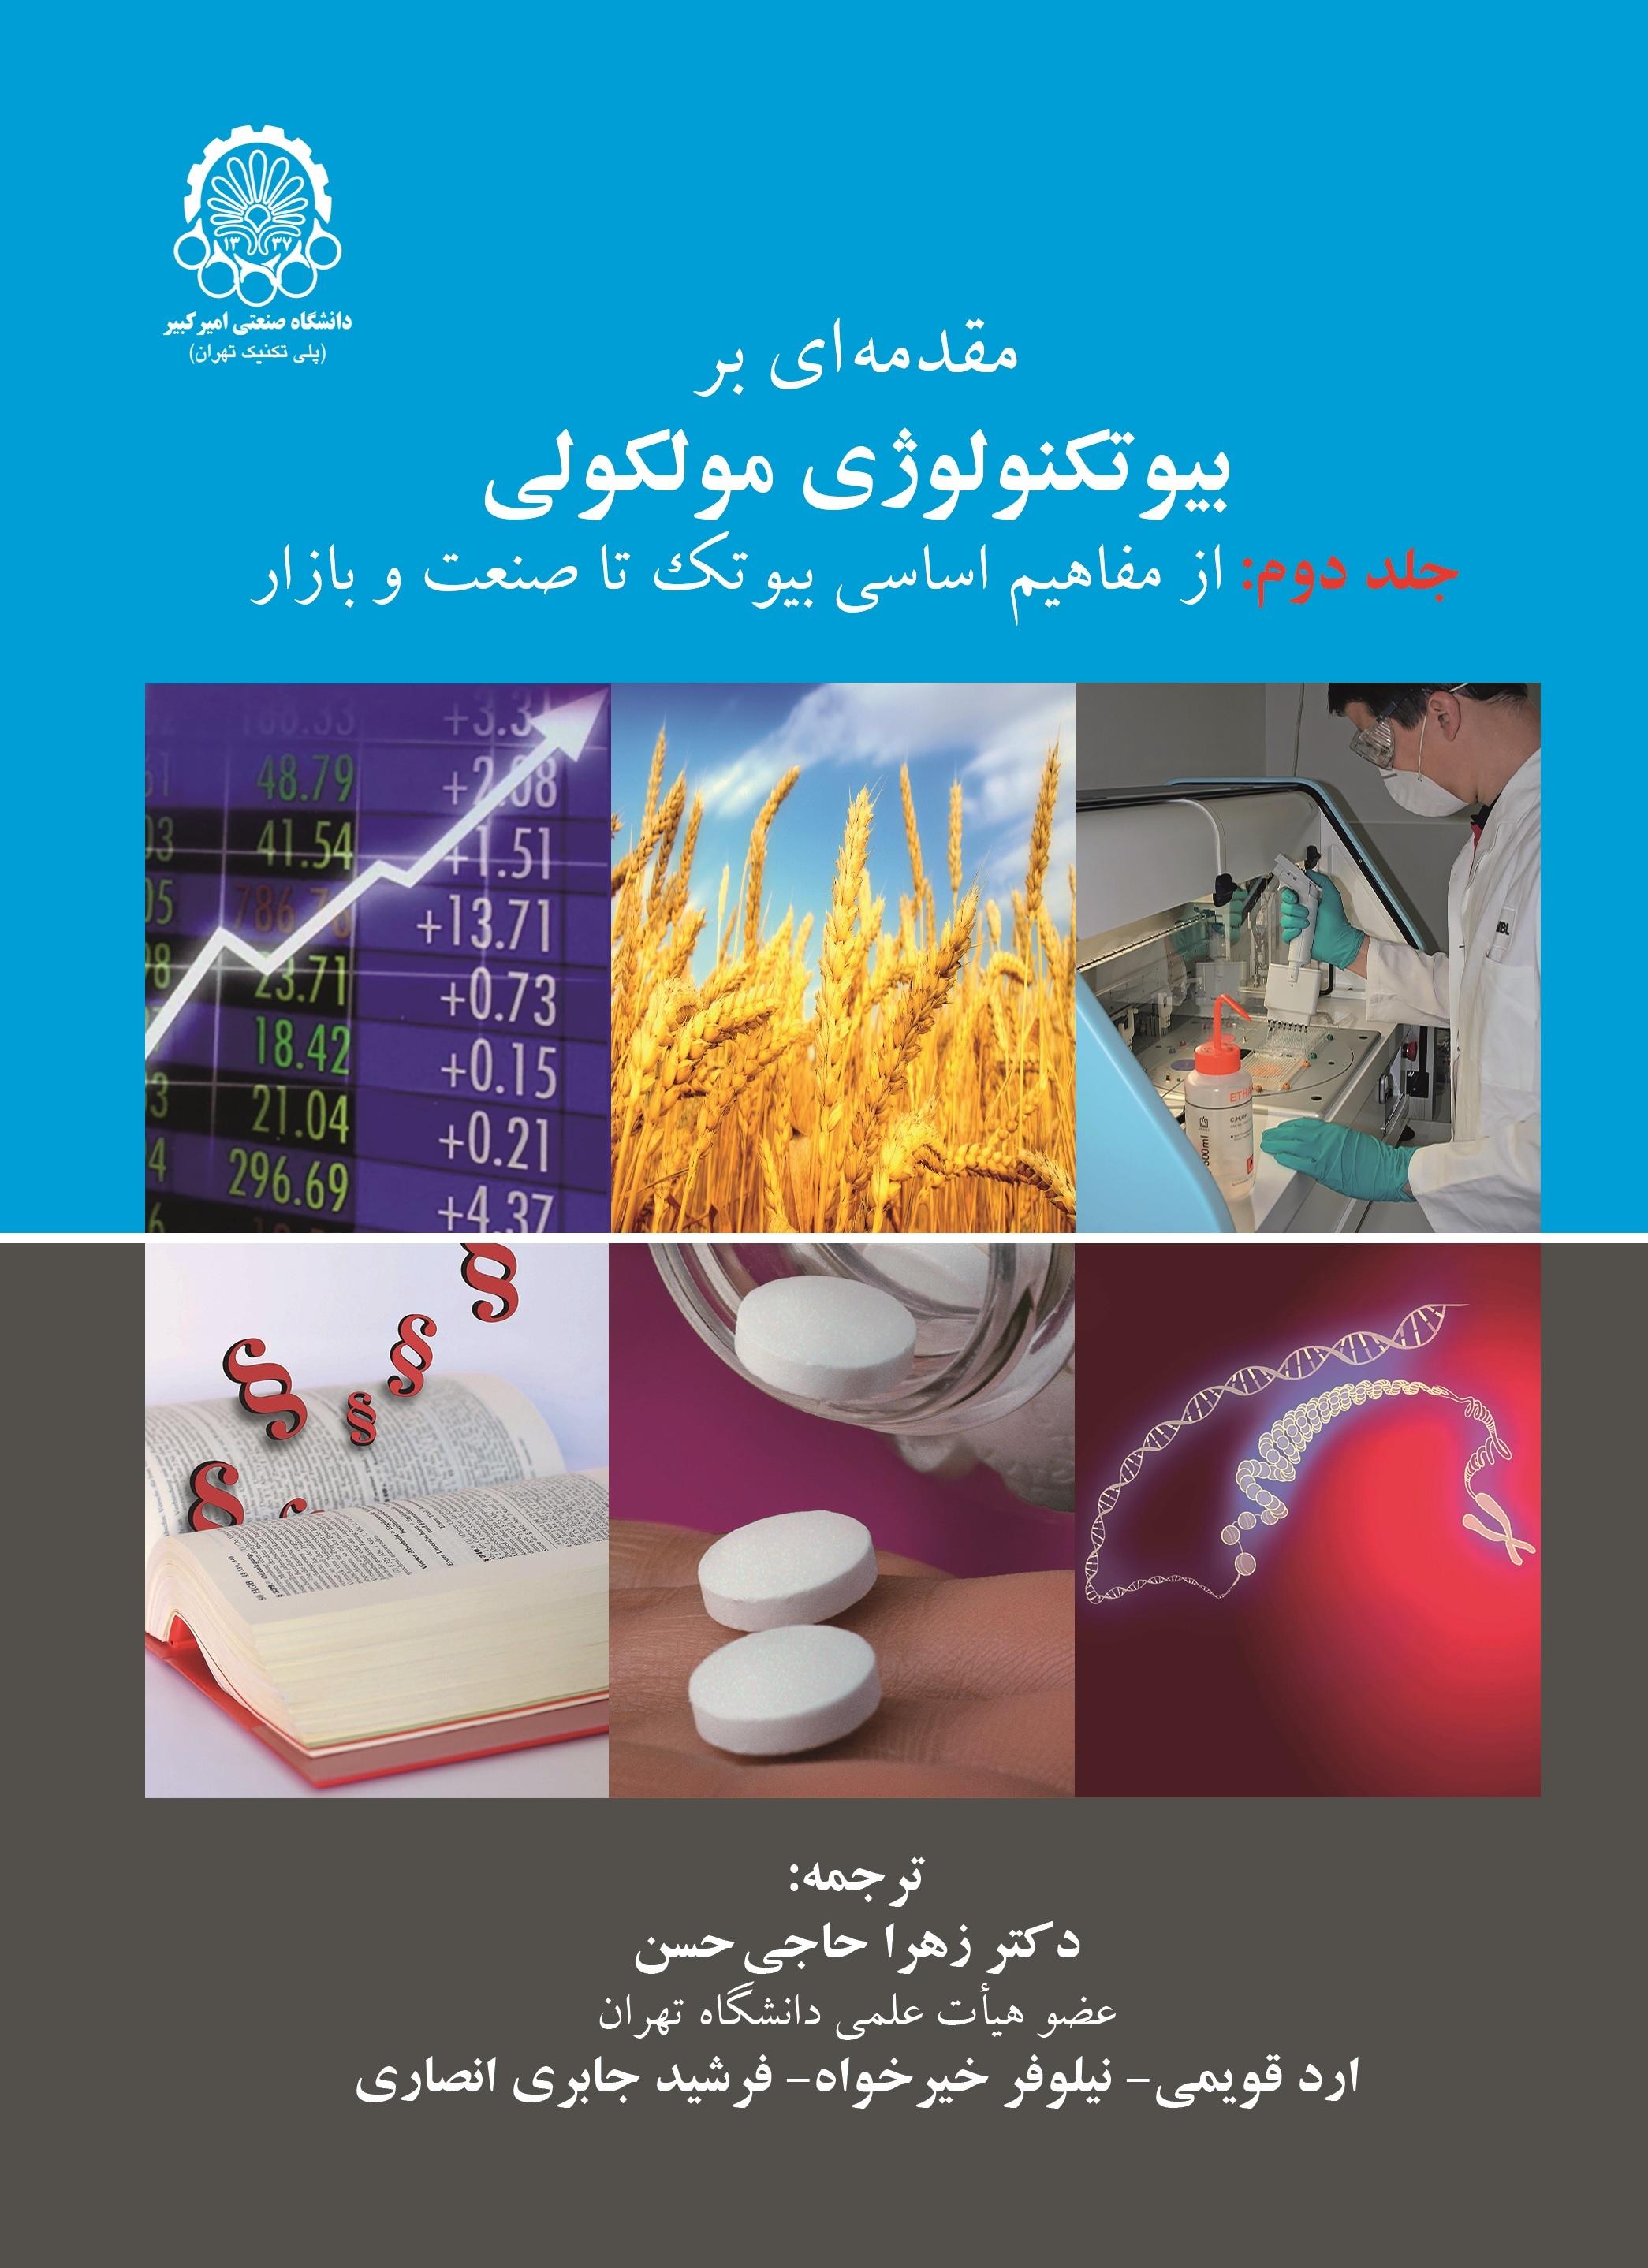 مقدمه ای بر بیوتکنولوژی مولکولی جلد دوم: ازمفاهیم اساسی بیوتک تاصنعت وبازار